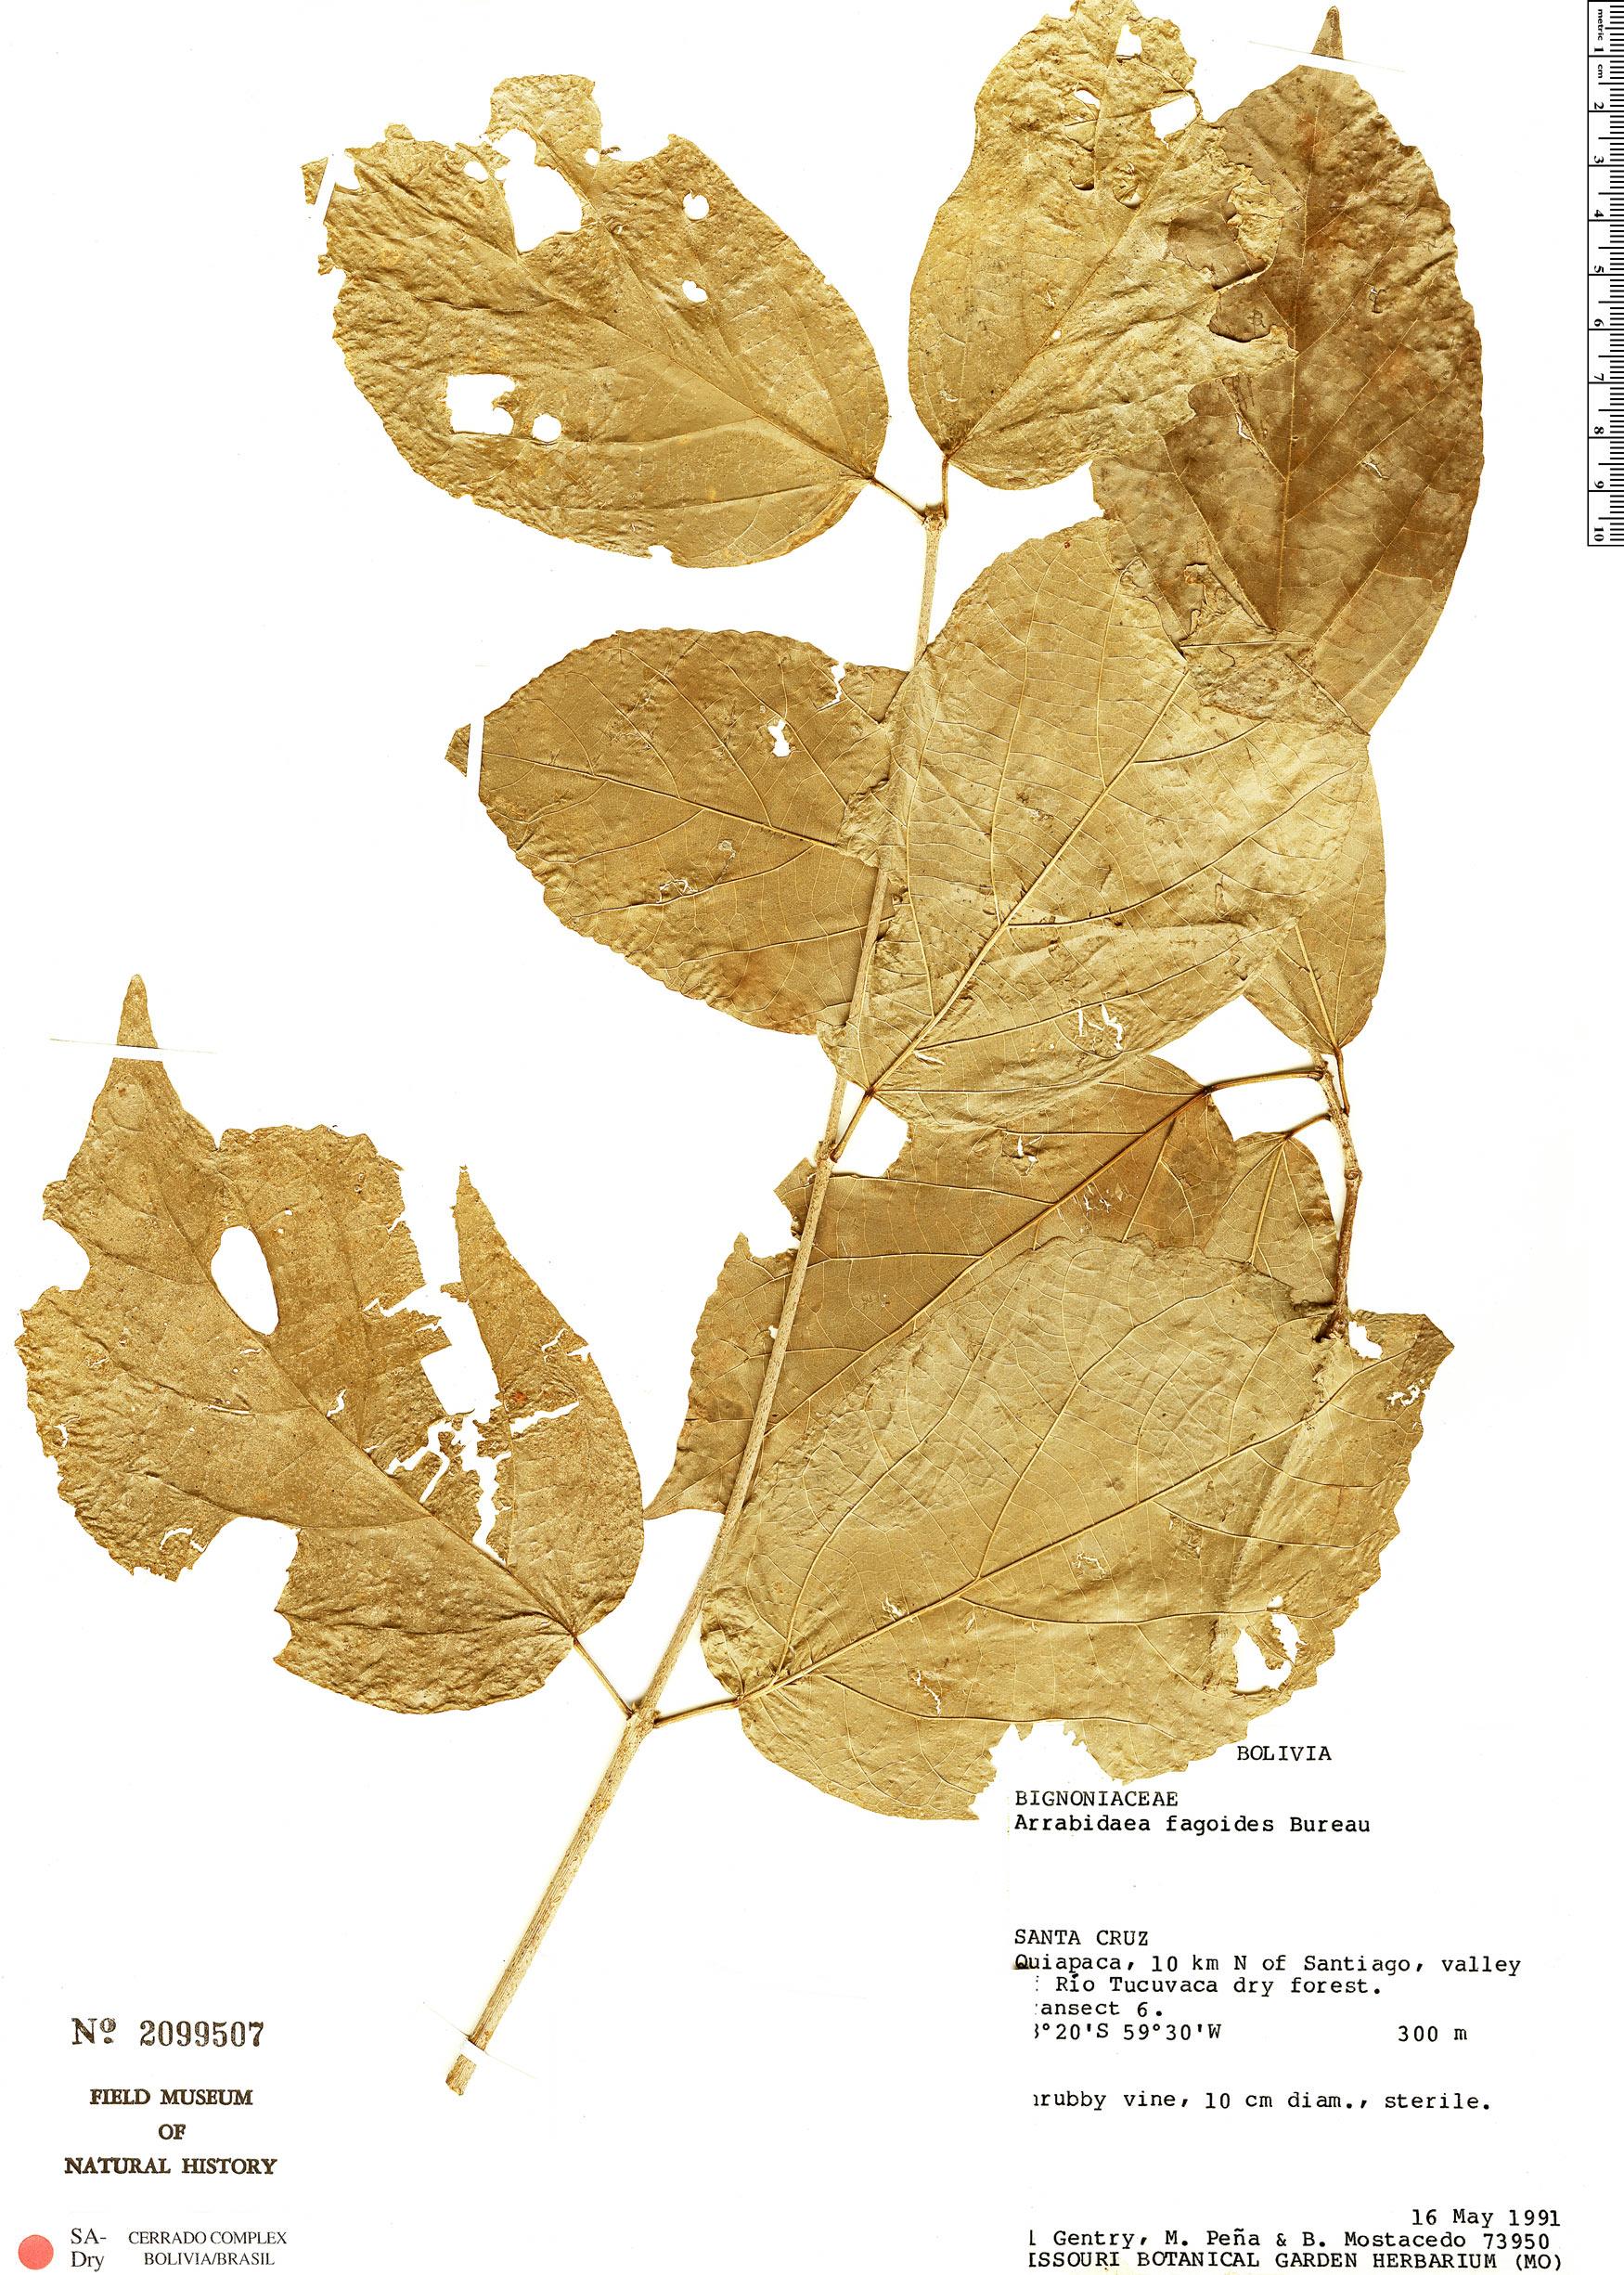 Specimen: Fridericia fagoides